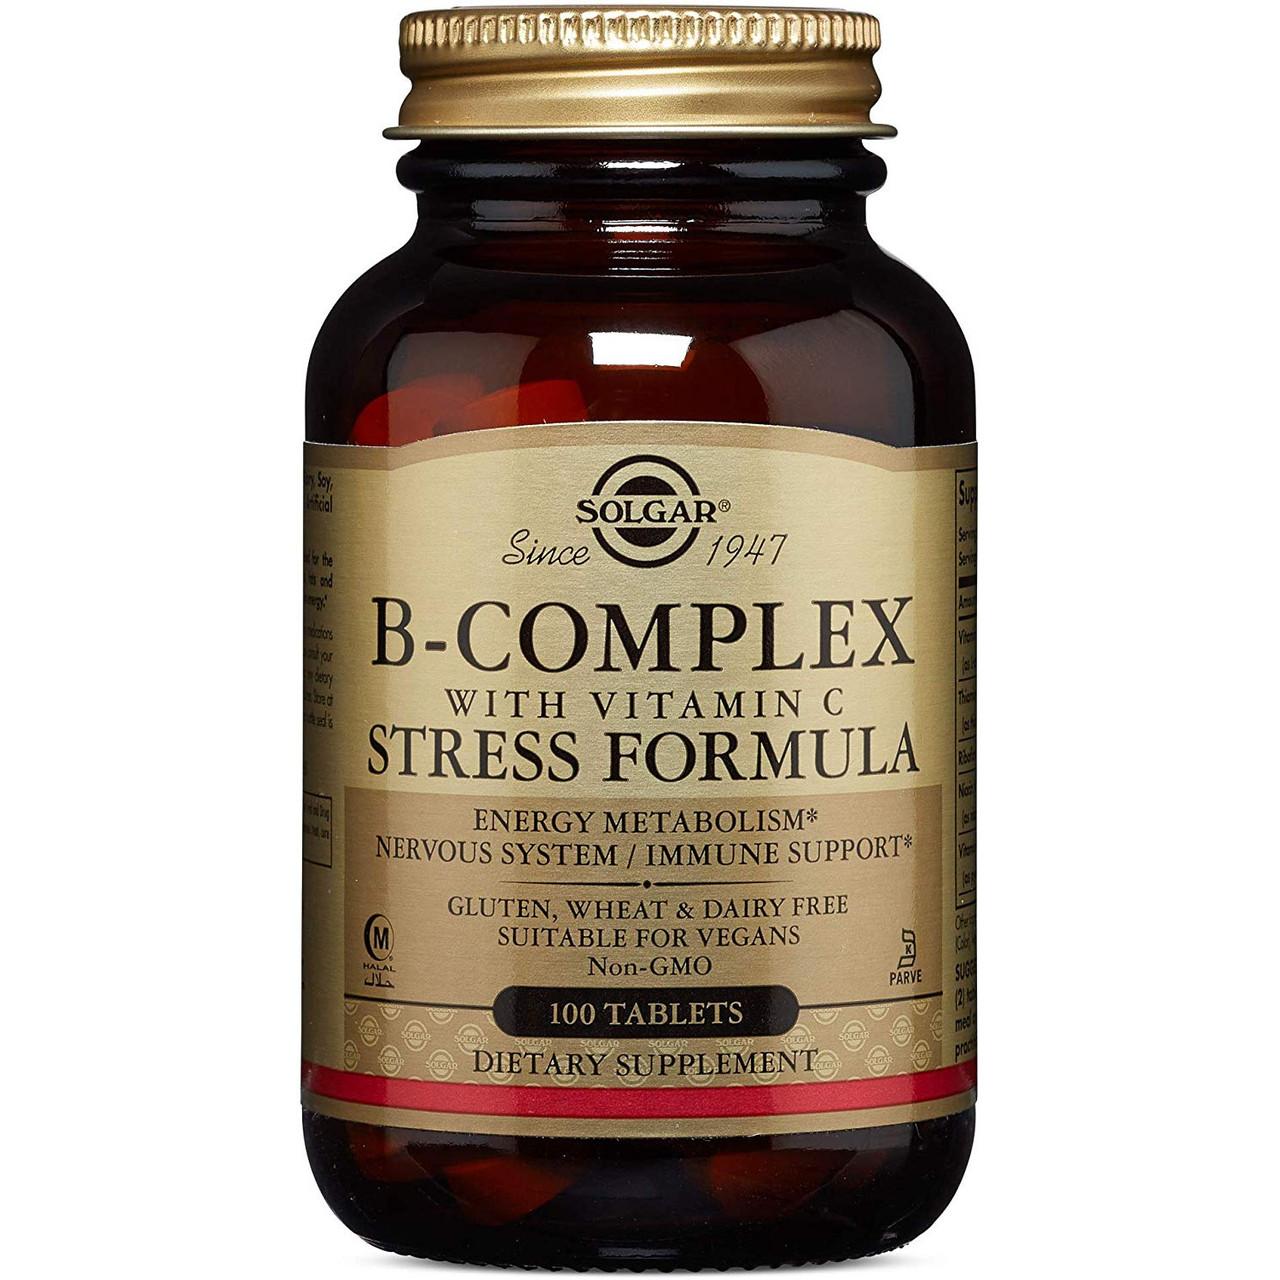 Витамины Солгар Стресс формула витамины для борьбы со стрессом США Solgar B-Complex Stress Formula USA 100 таб